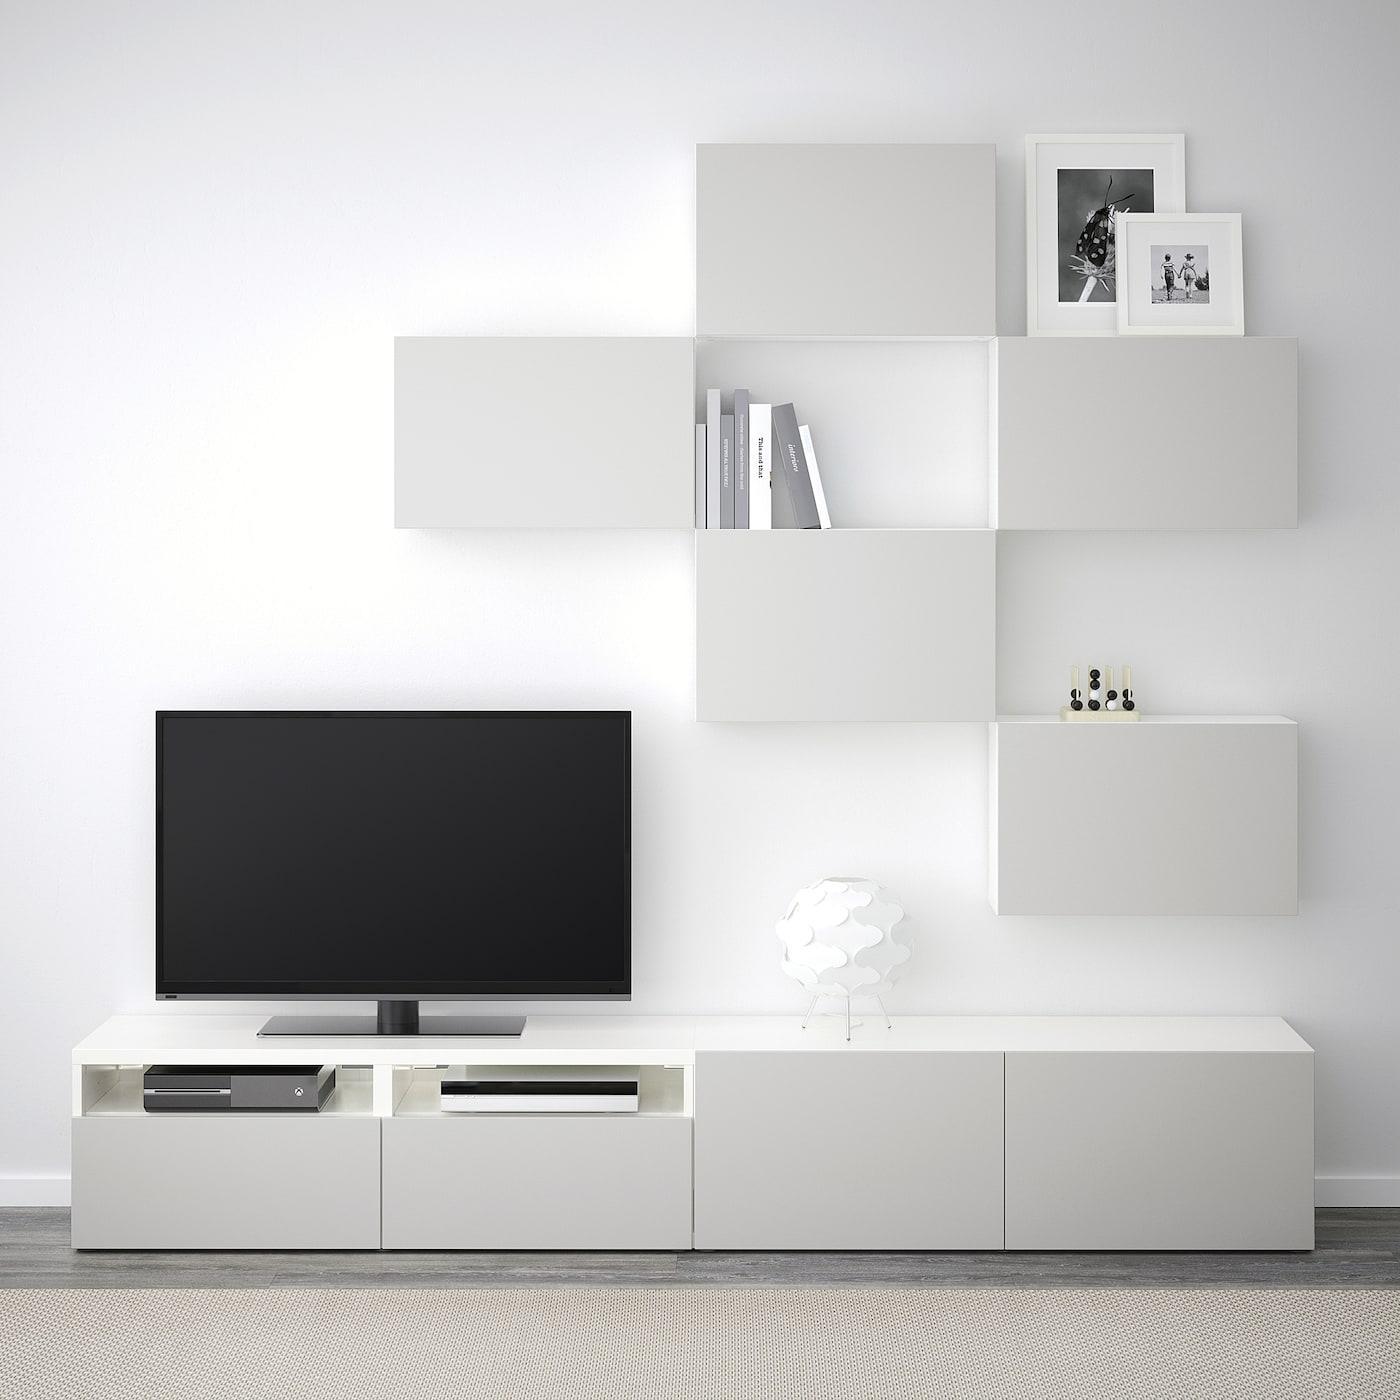 Full Size of Ikea Led Panel Best Tv Storage Combination White Büffelleder Sofa Deckenleuchte Wohnzimmer Big Leder Beleuchtung Küche Kosten Mit Spot Garten Schlafzimmer Wohnzimmer Ikea Led Panel